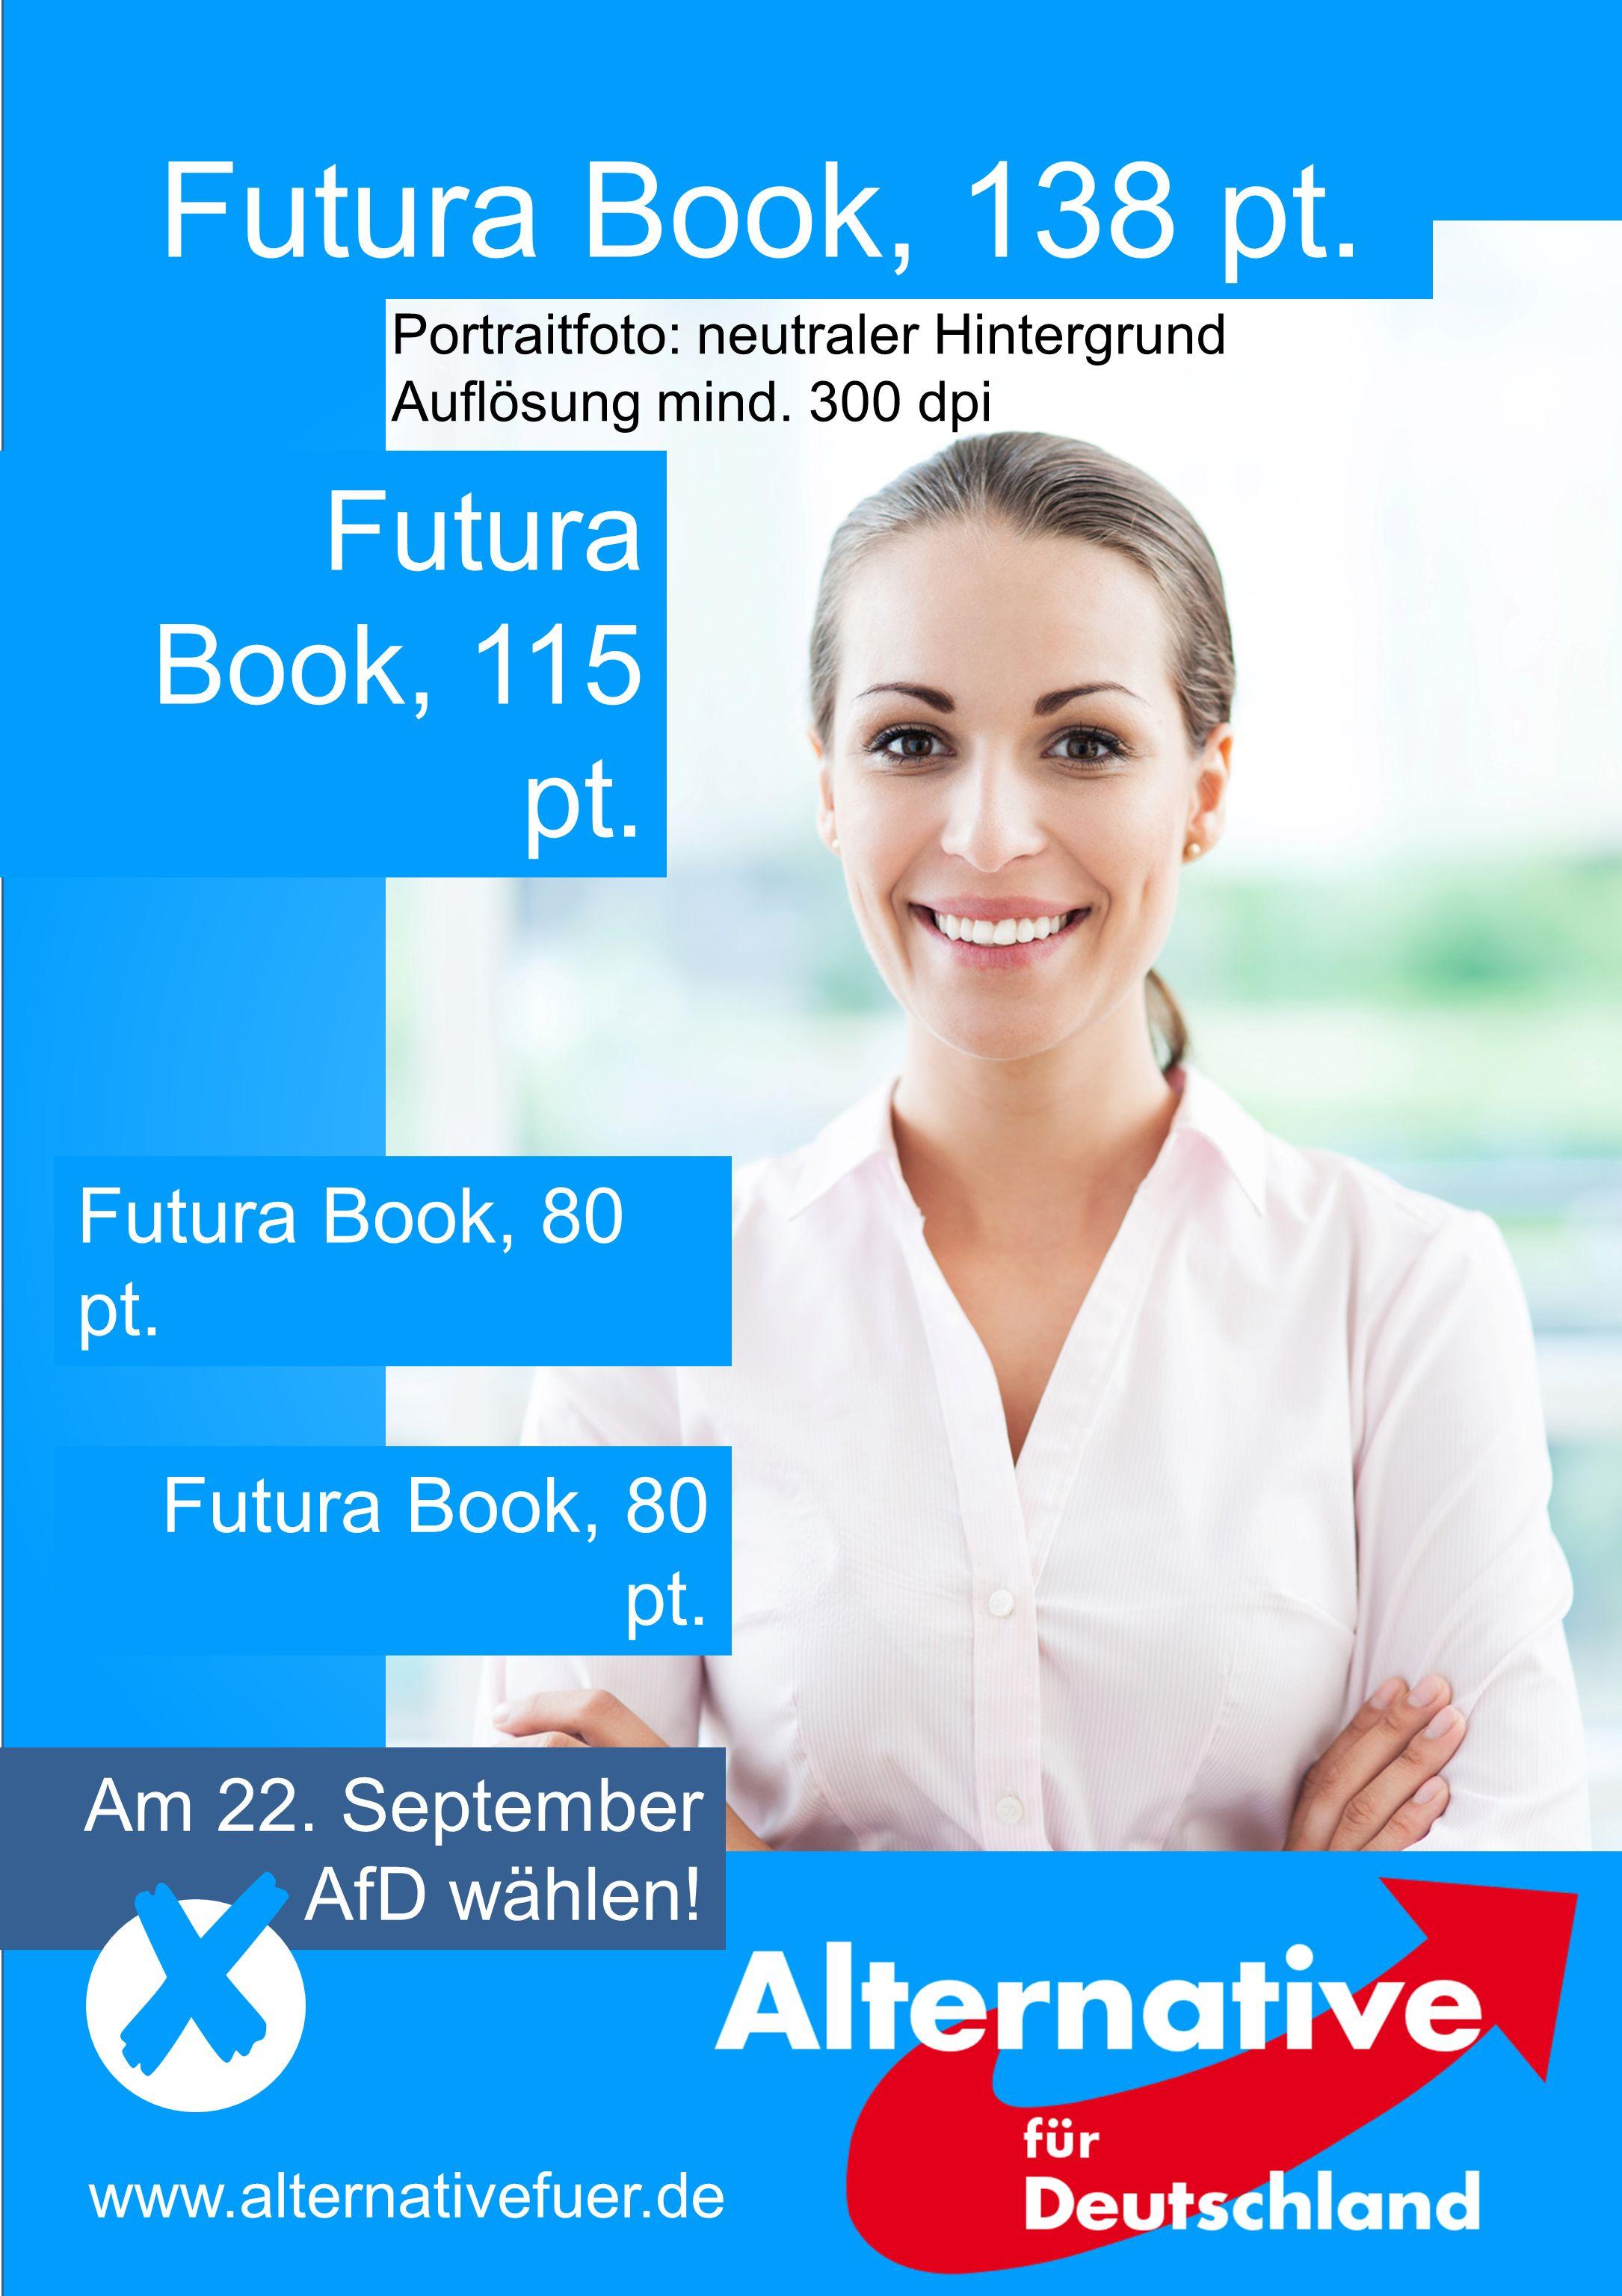 Futura Book, 138 pt. Am 22. September AfD wählen! www.alternativefuer.de Futura Book, 80 pt. Futura Book, 115 pt. Portraitfoto: neutraler Hintergrund